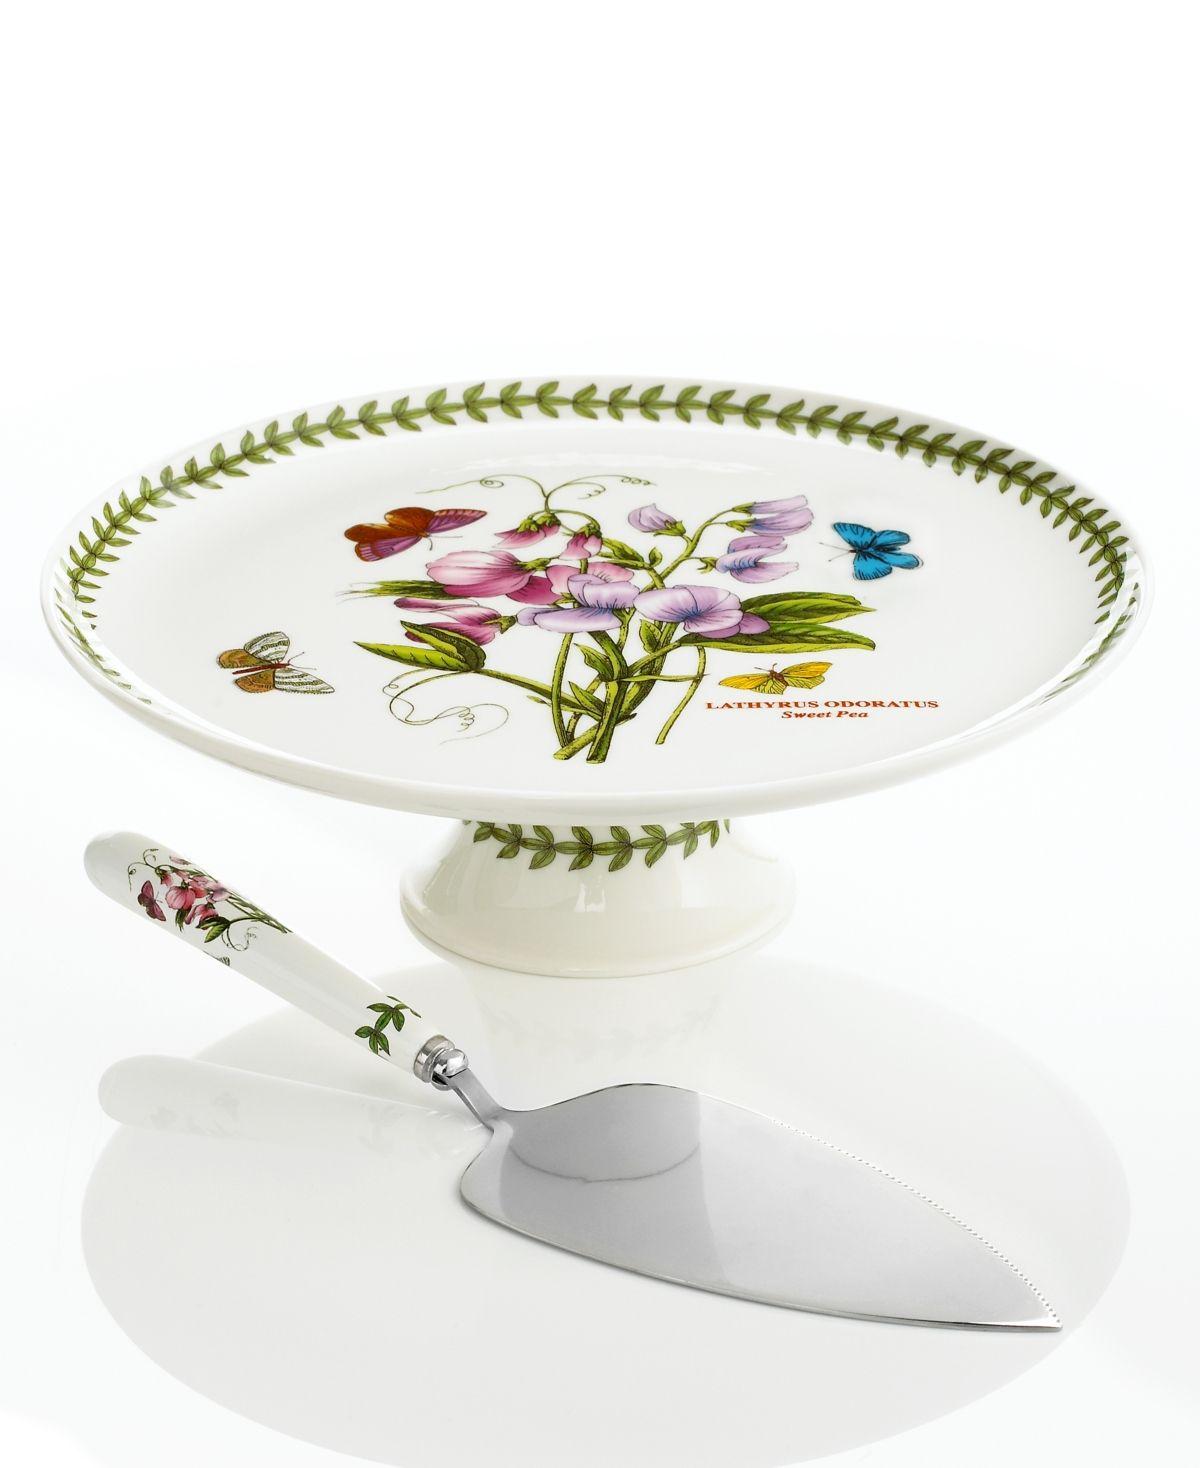 Portmeirion Botanic Garden Serveware Collection Reviews Fine